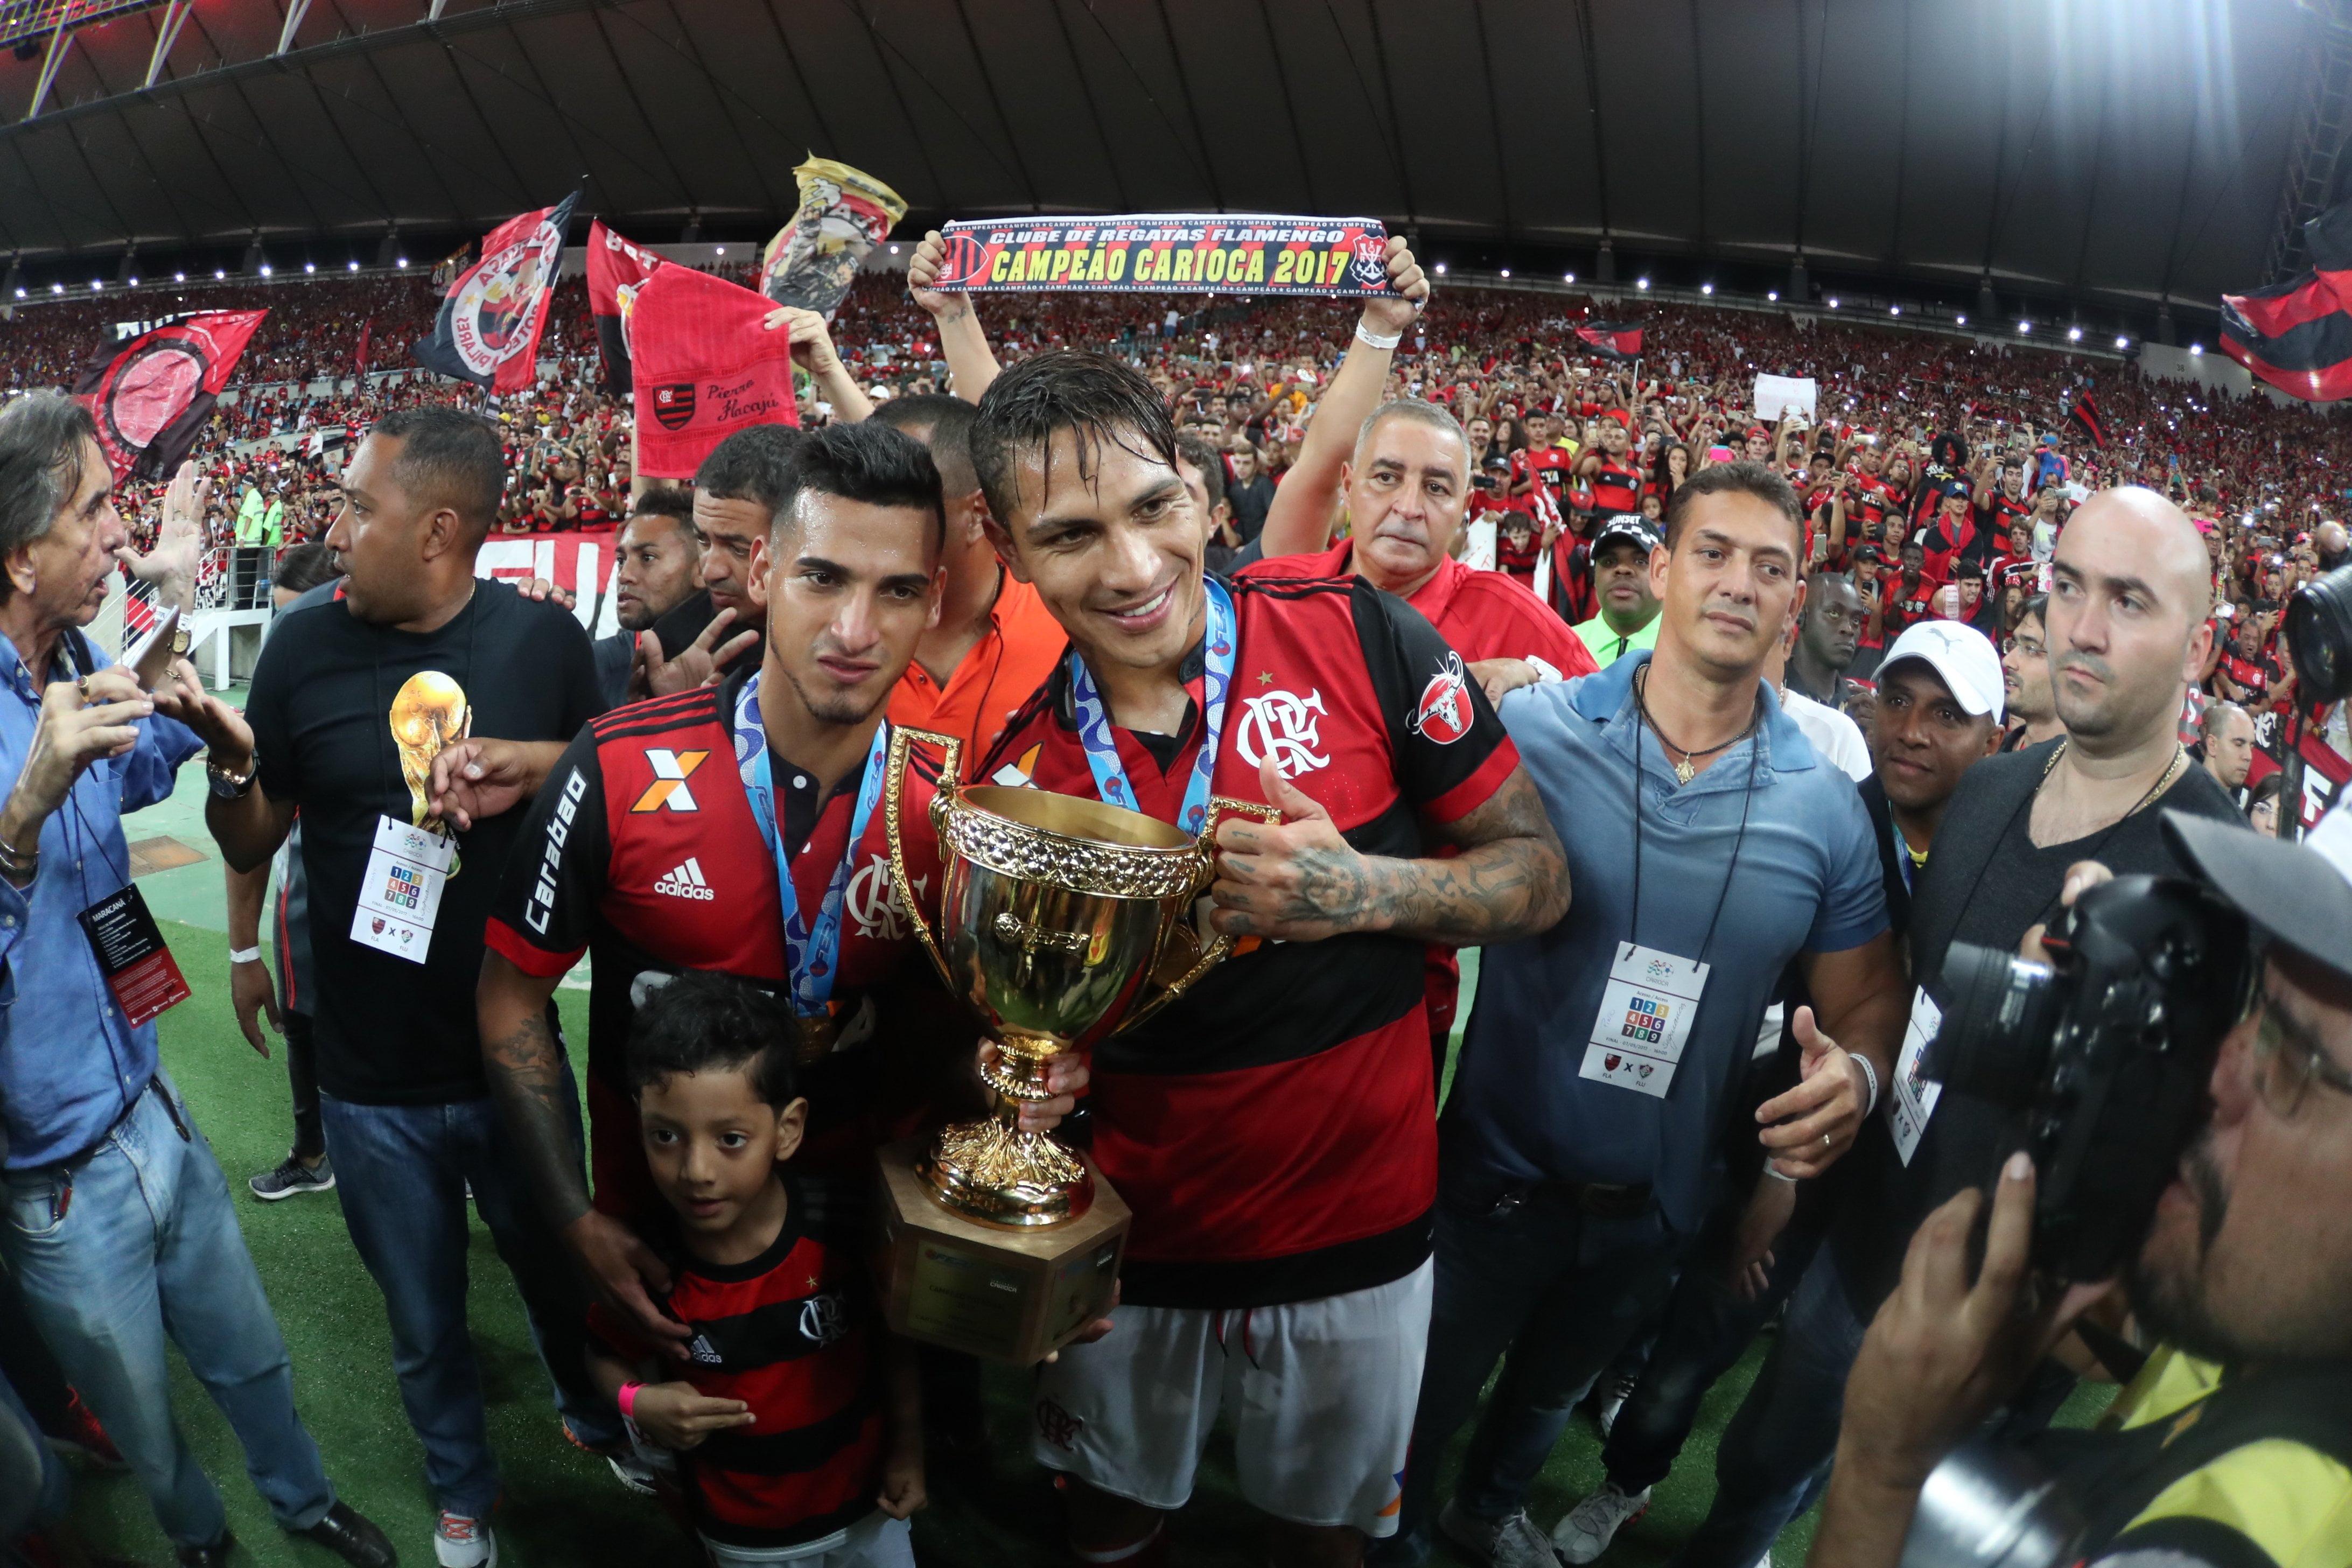 Flamengo se consagró campeón del Carioca con los peruanos Guerrero y Trauco.